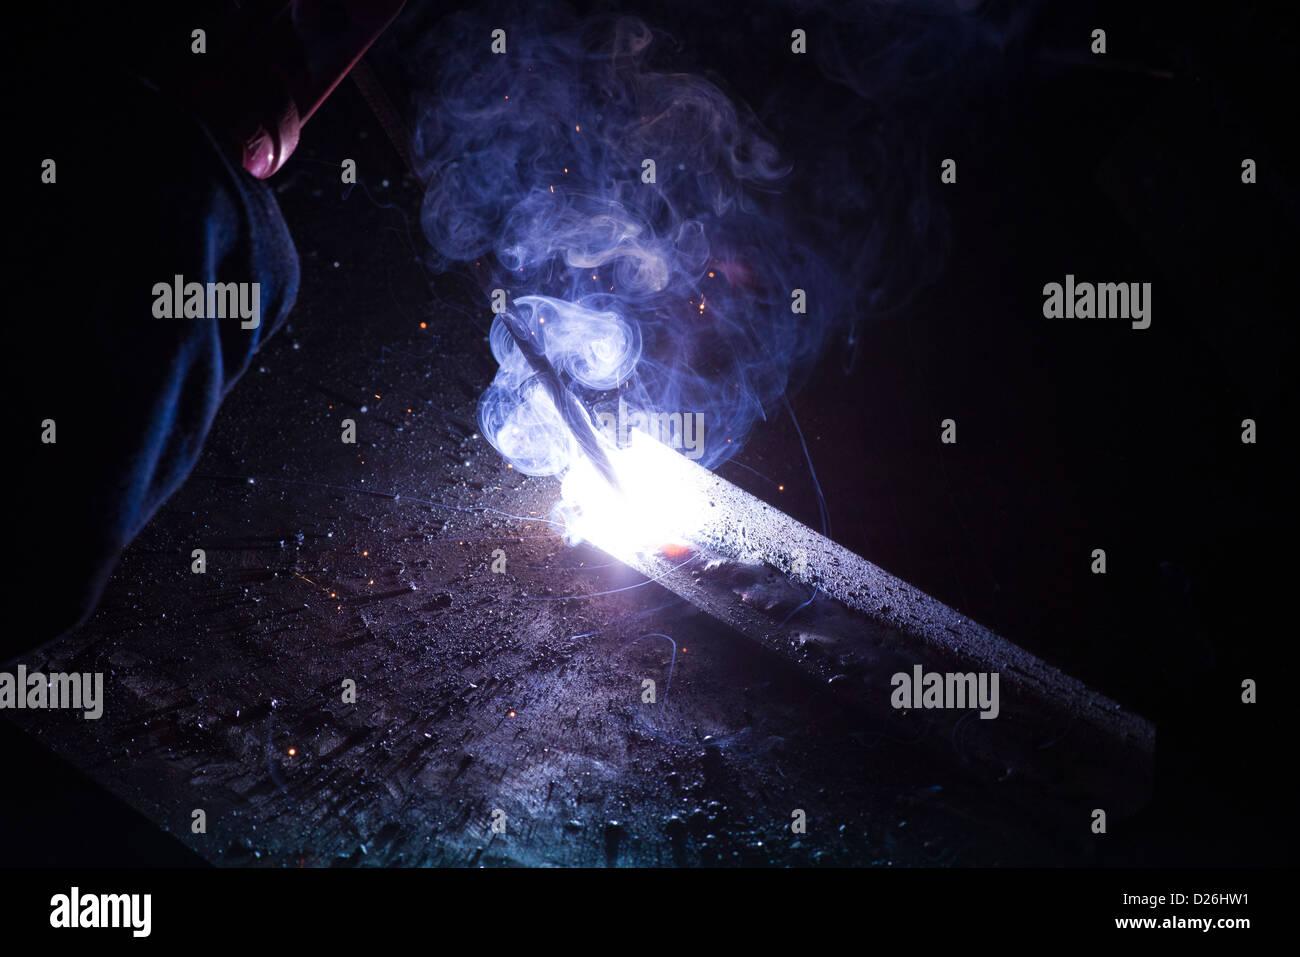 Il processo industriale di MMA saldatura Stick utilizzato in cantieri navali, cantieristica navale, industria pesante, Immagini Stock